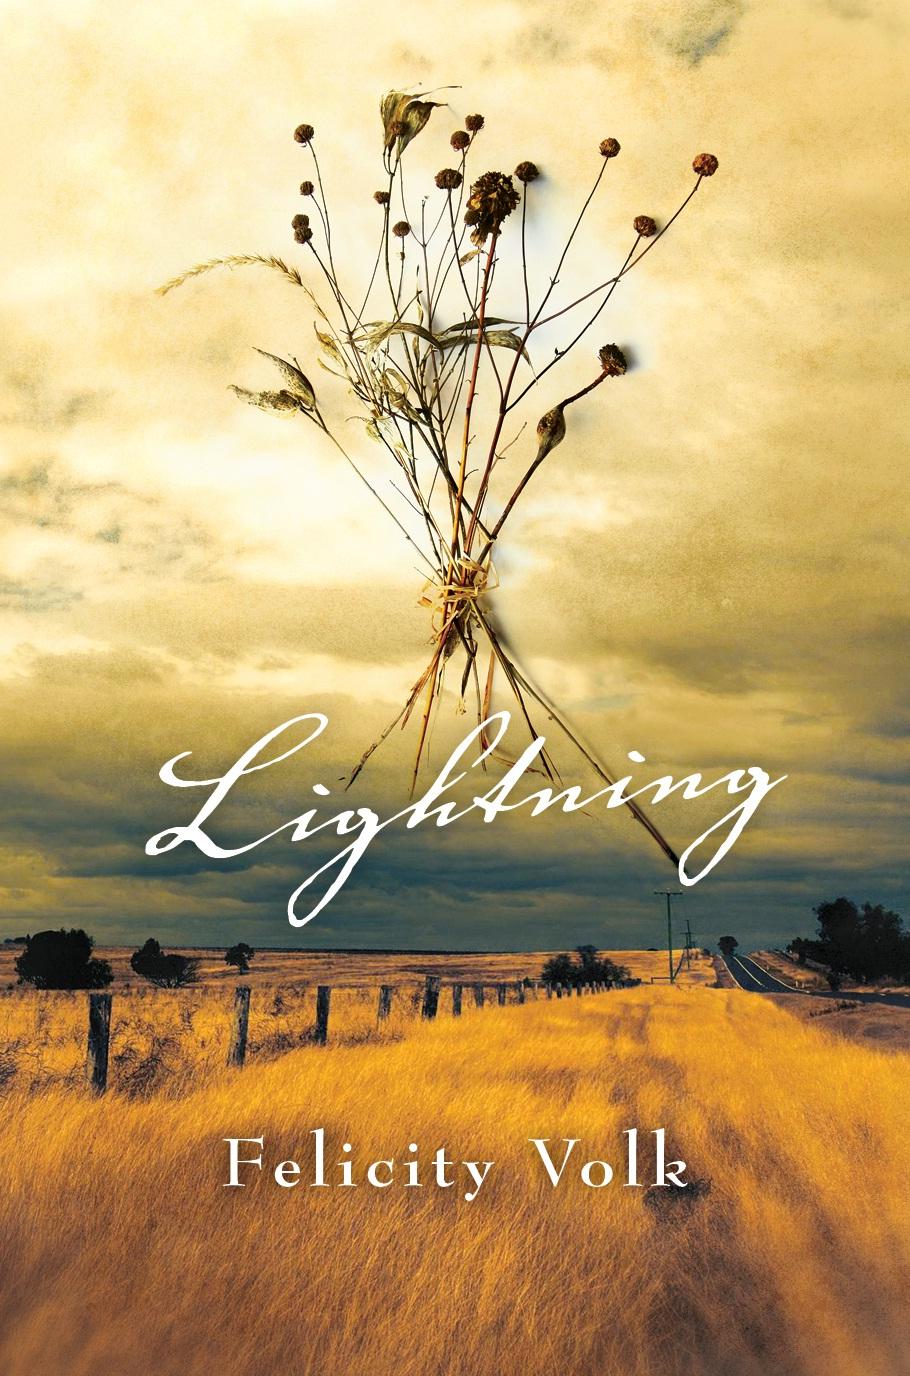 Lightning cover 471kb.jpg